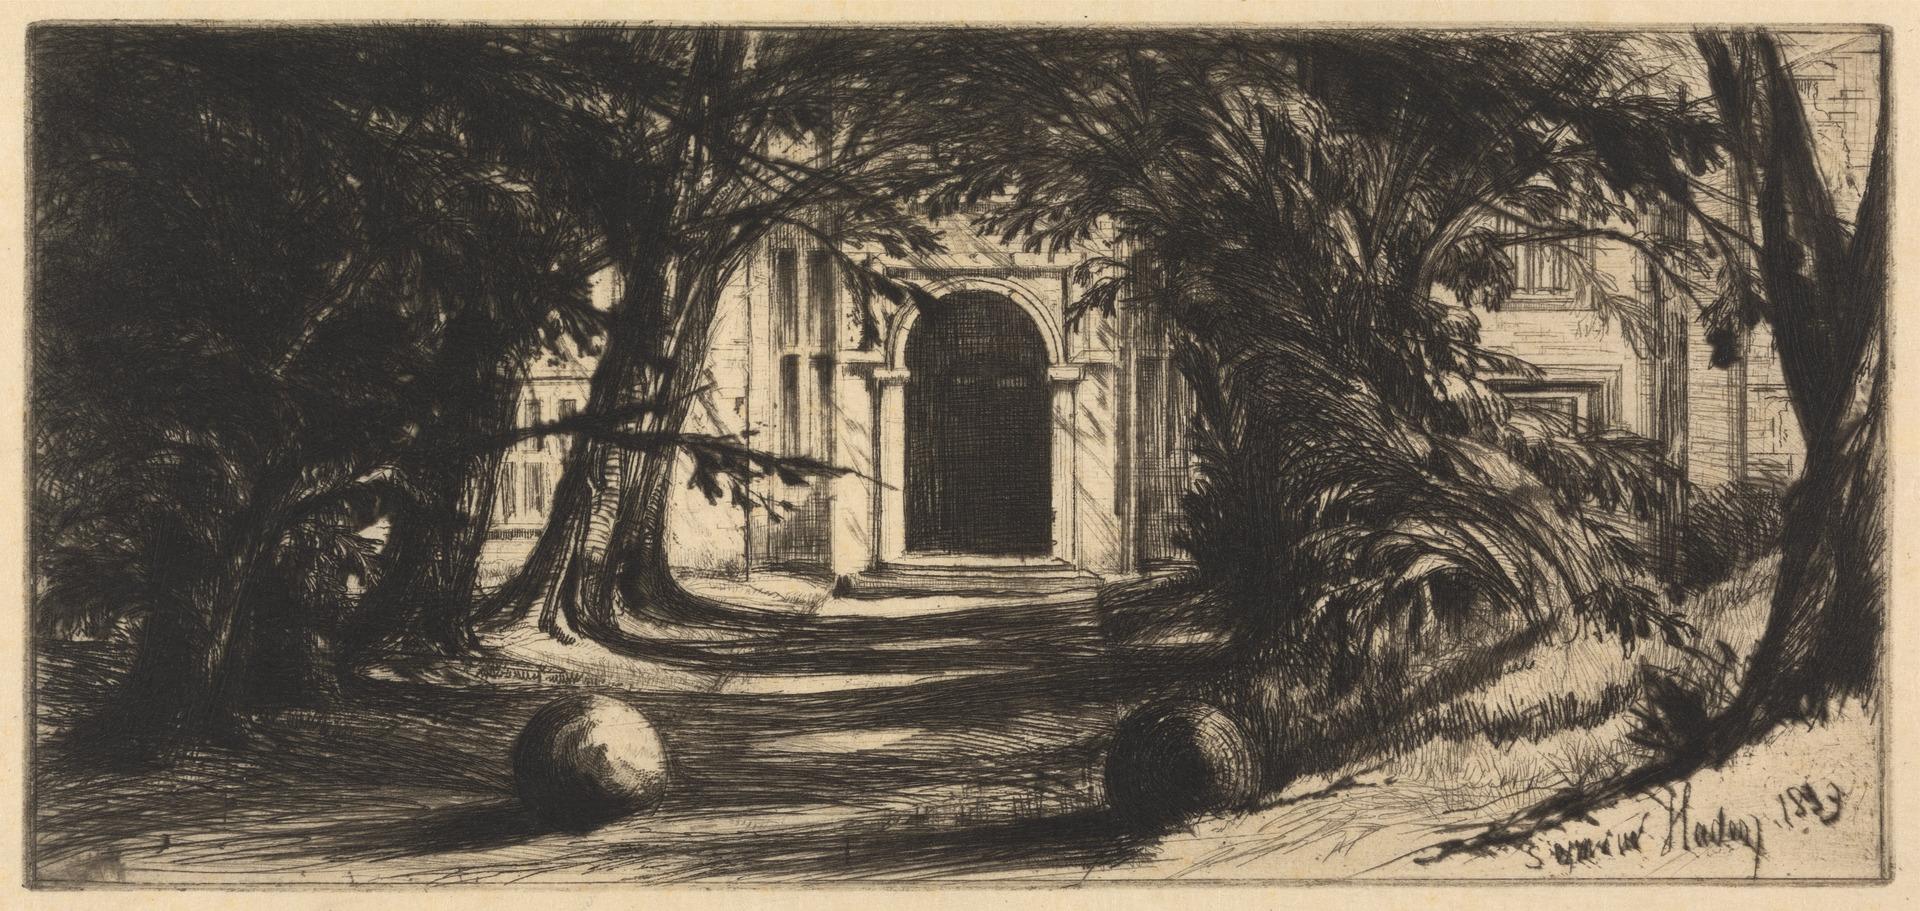 Mytton Hall, Francis Seymour Haden, 1818-1910